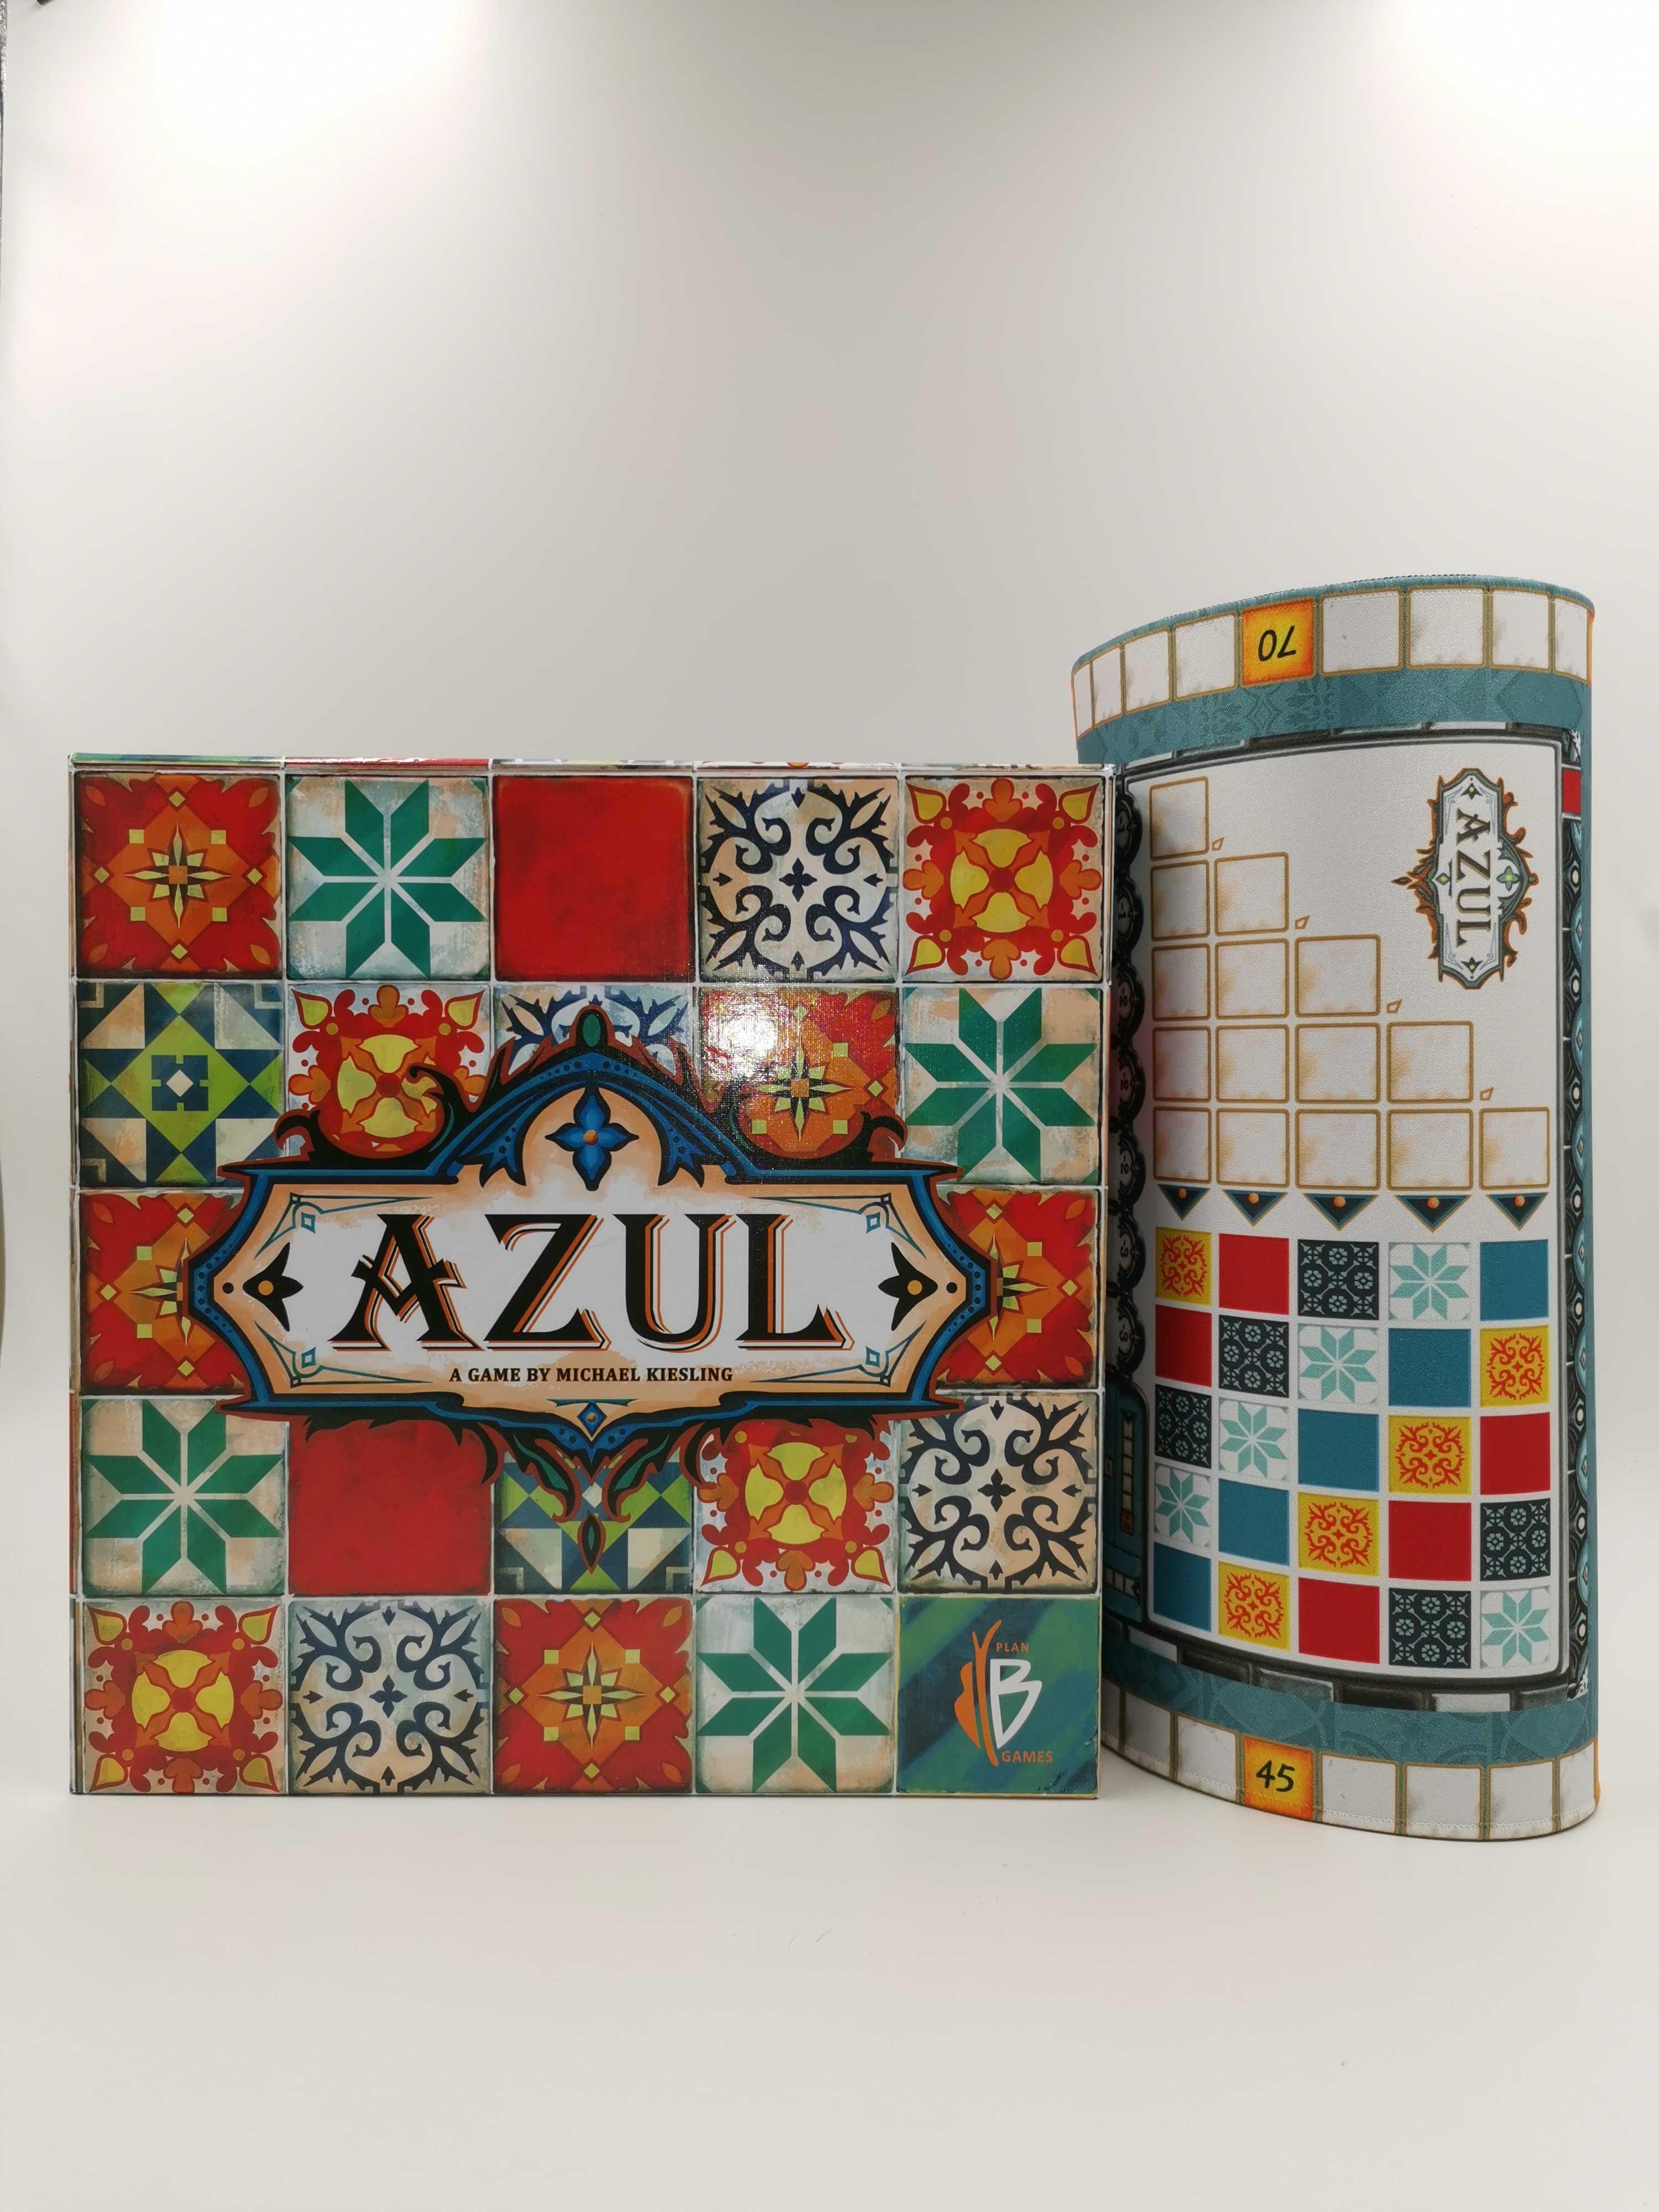 Colored Brick Master Tile Monogatari Azul Card Games Exploding Kitten Plan B Board Games Juegos De Mesa  Azul Jeux